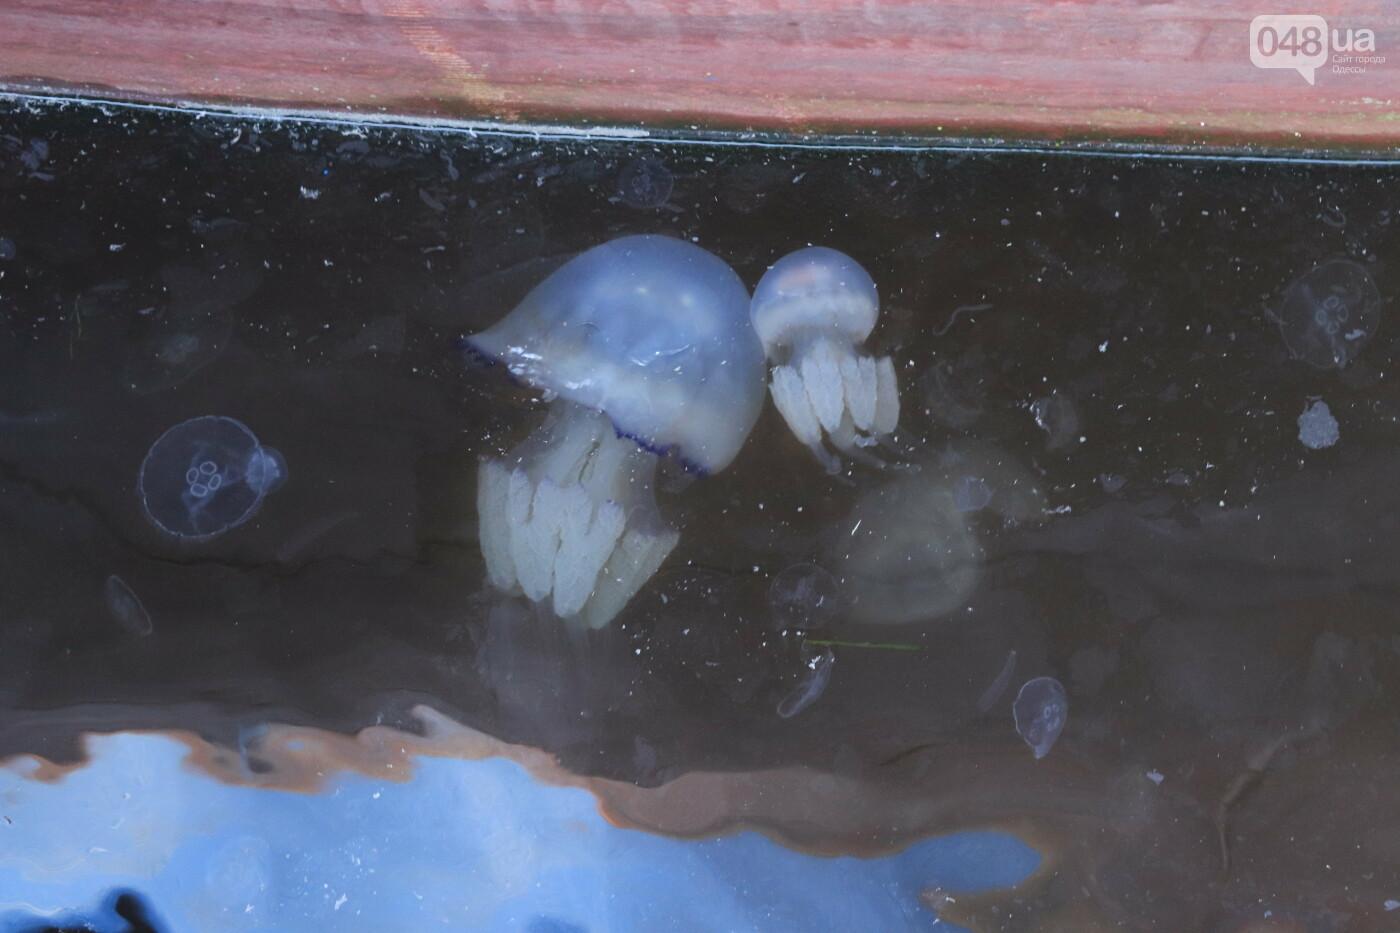 Одессу атаковали медузы, купаться в море опасно, - ФОТО, фото-6